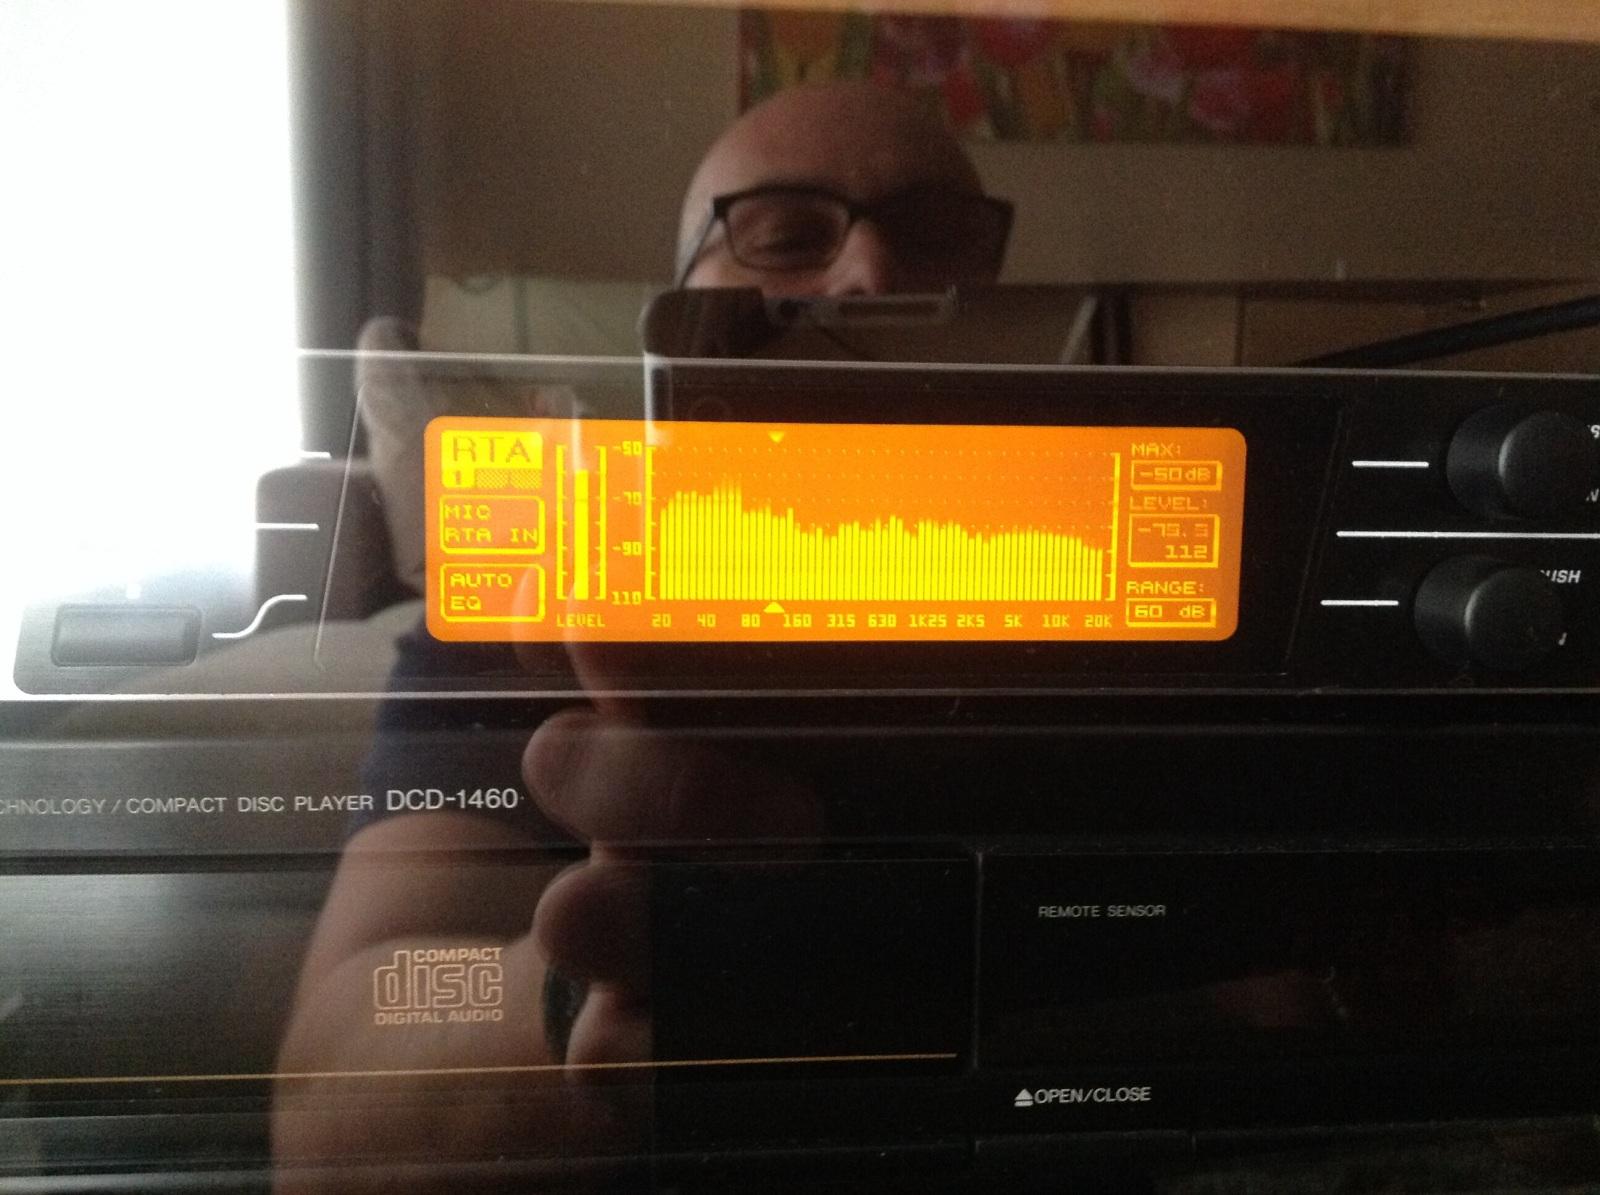 Busco un técnico ecualización acústica con el UC de Beringher (encontrado) - Página 5 2m7j3ww